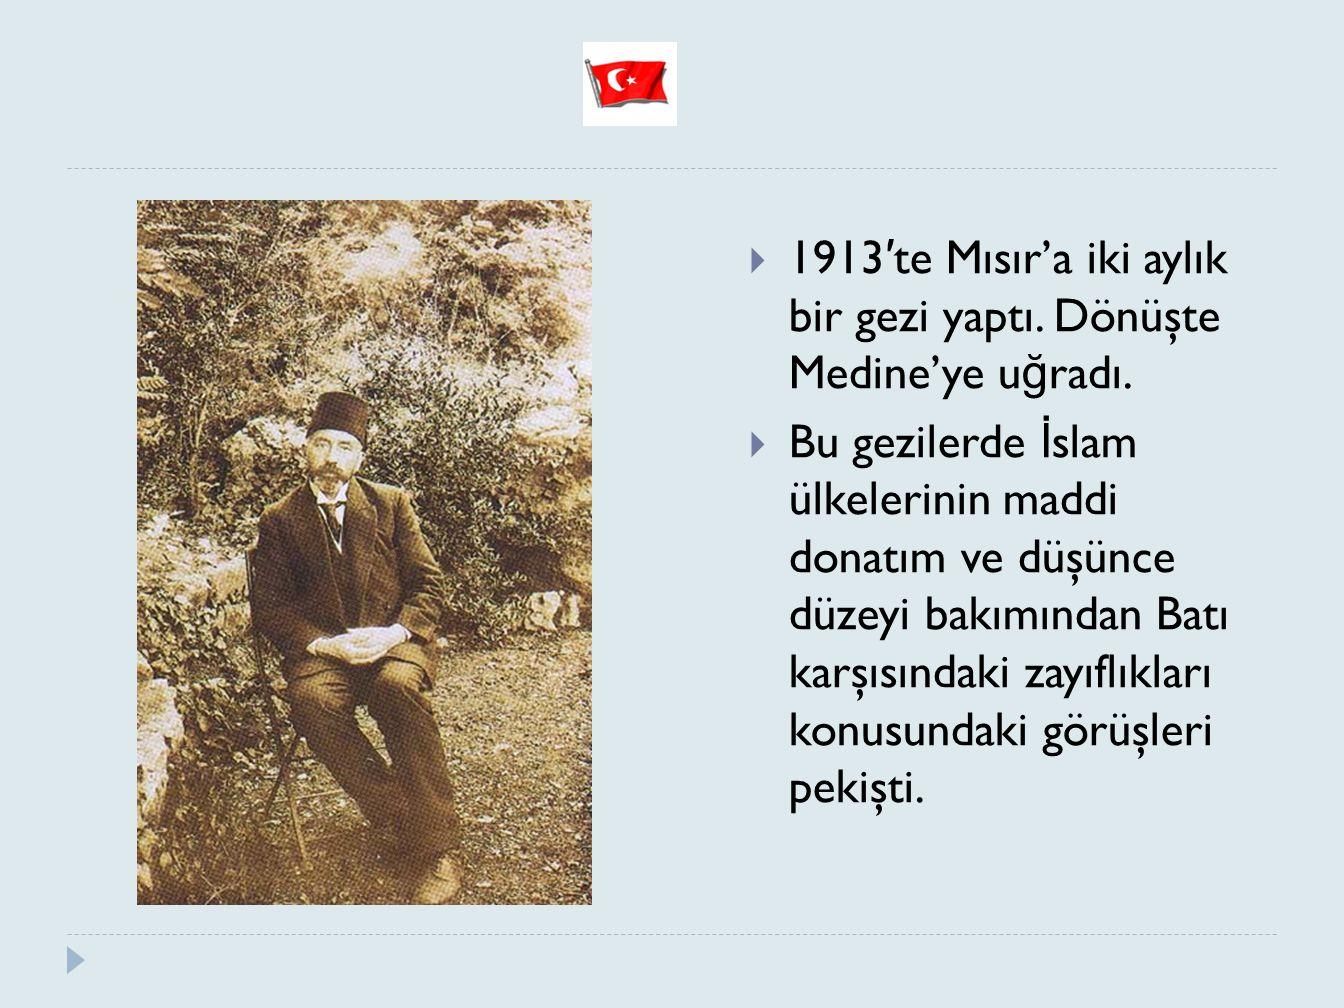  1913 ′ te Mısır'a iki aylık bir gezi yaptı. Dönüşte Medine'ye u ğ radı.  Bu gezilerde İ slam ülkelerinin maddi donatım ve düşünce düzeyi bakımından